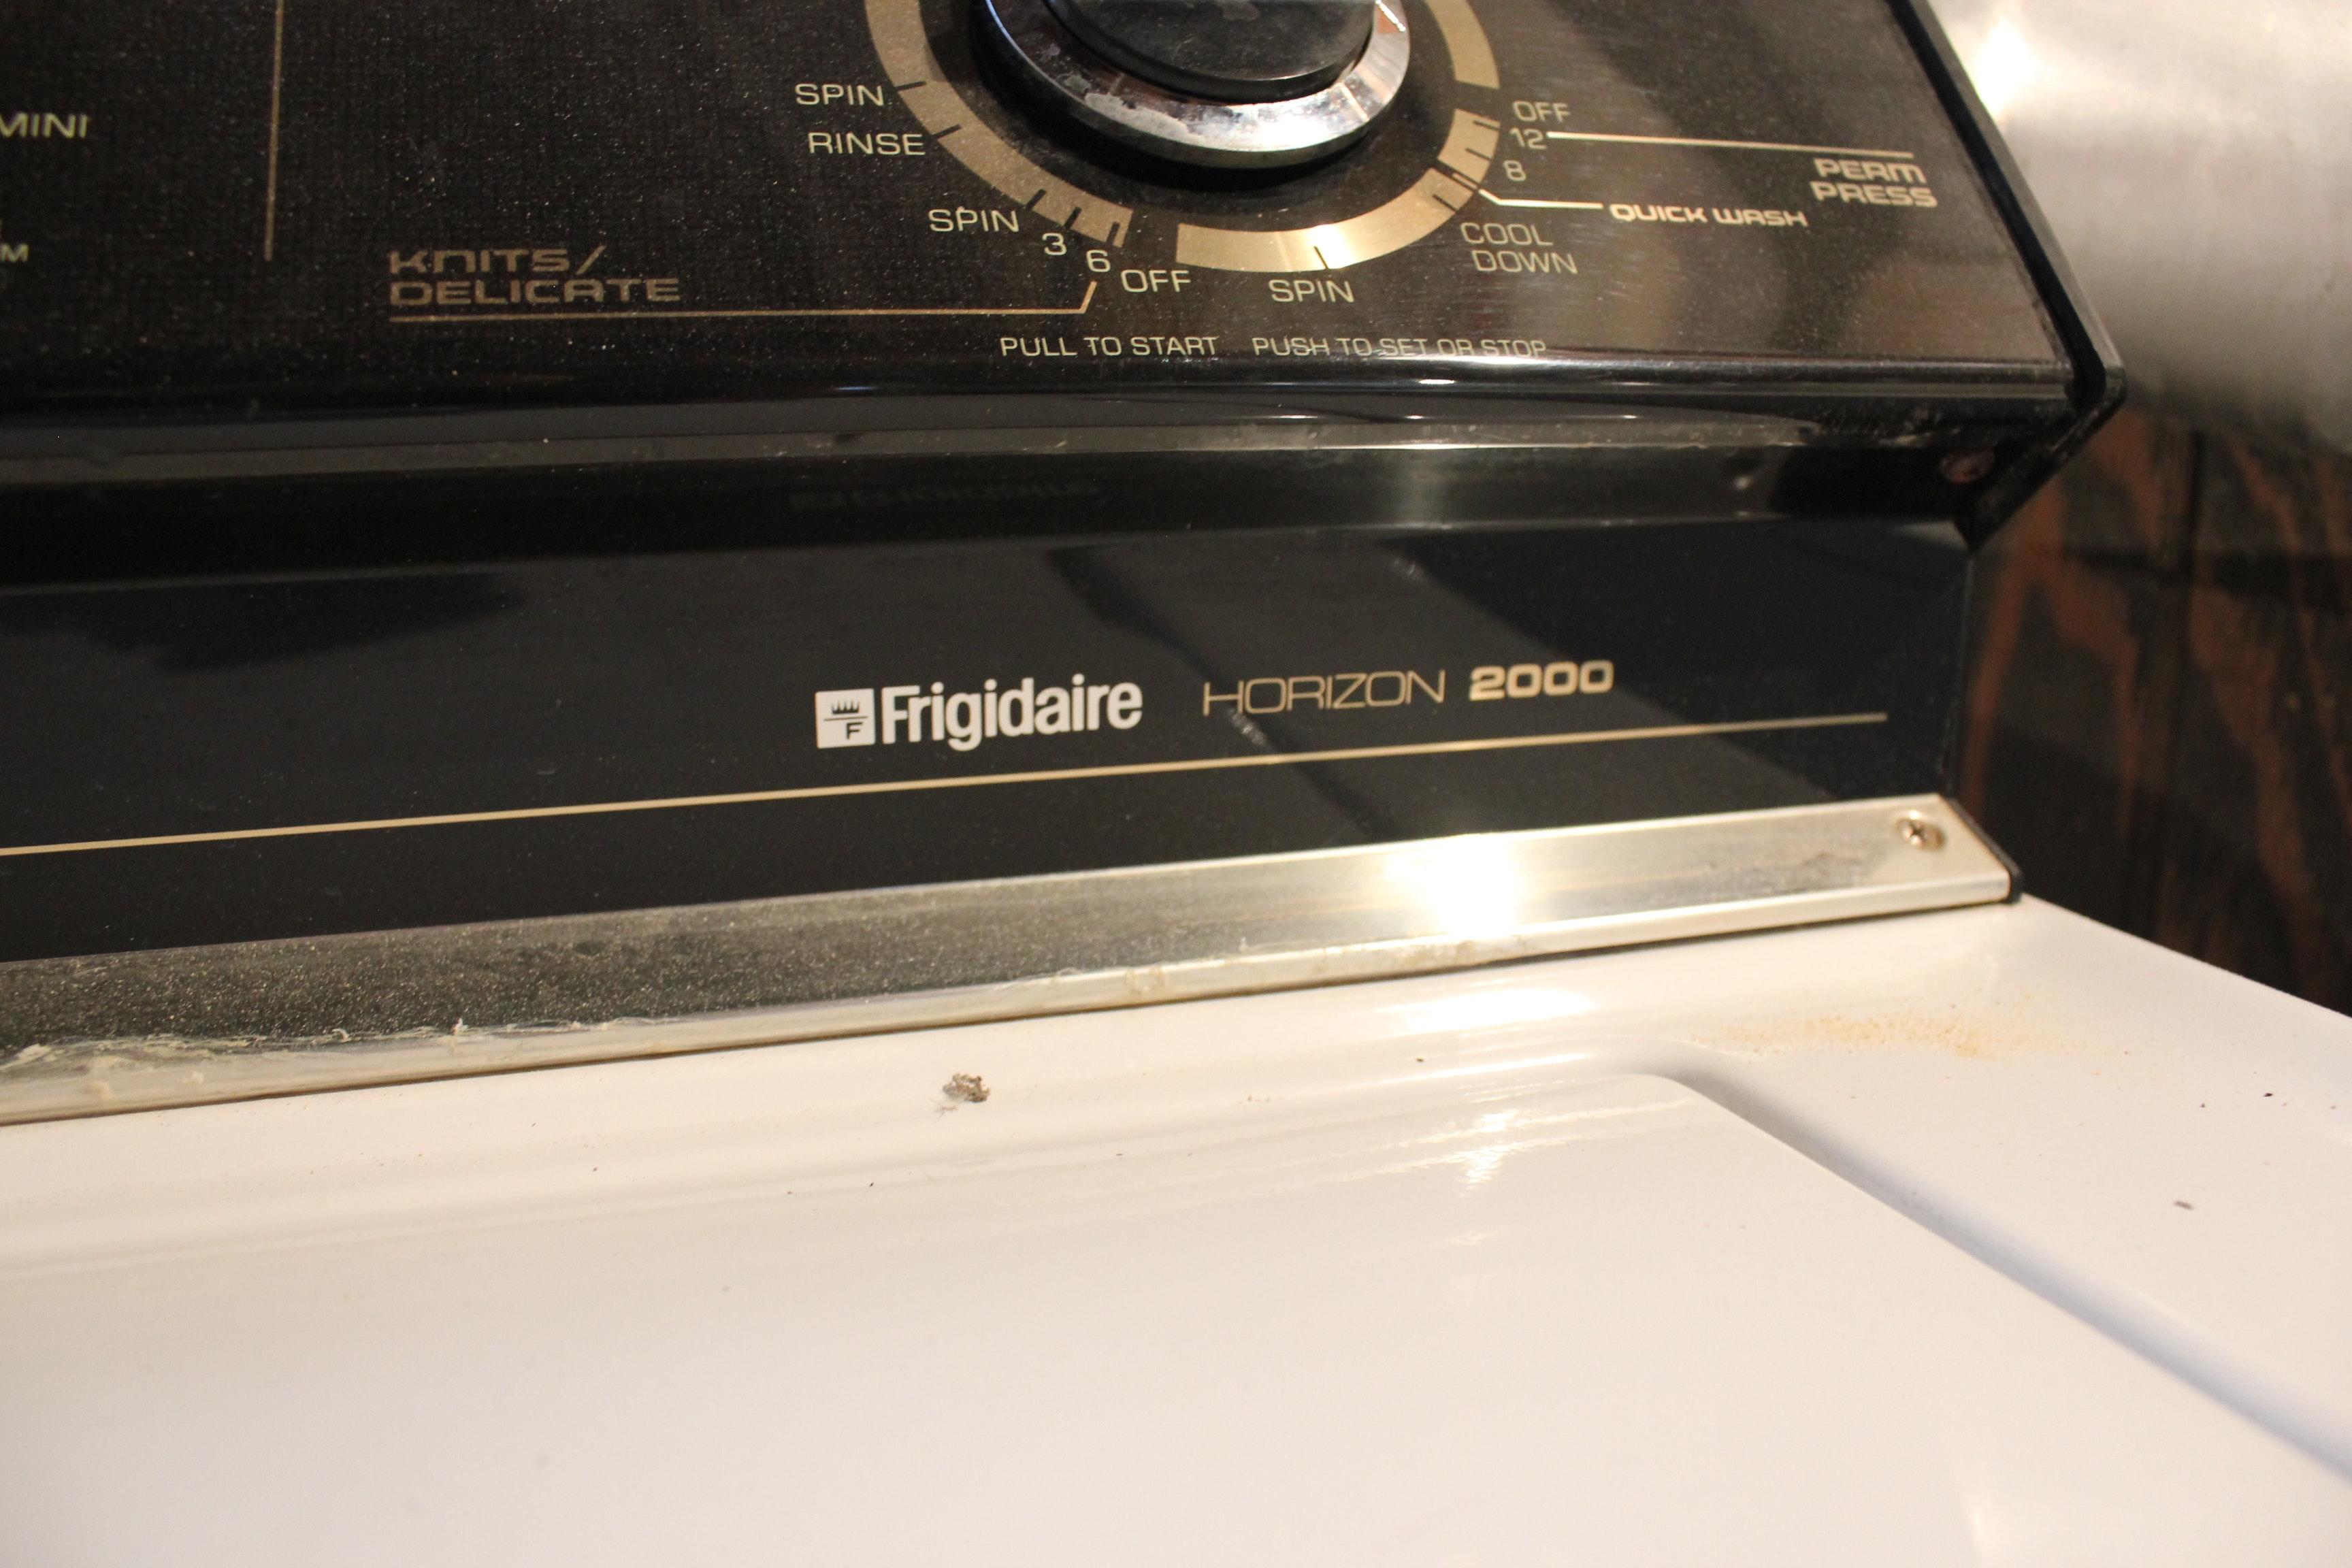 frigidaire horizon 2000 washing machine